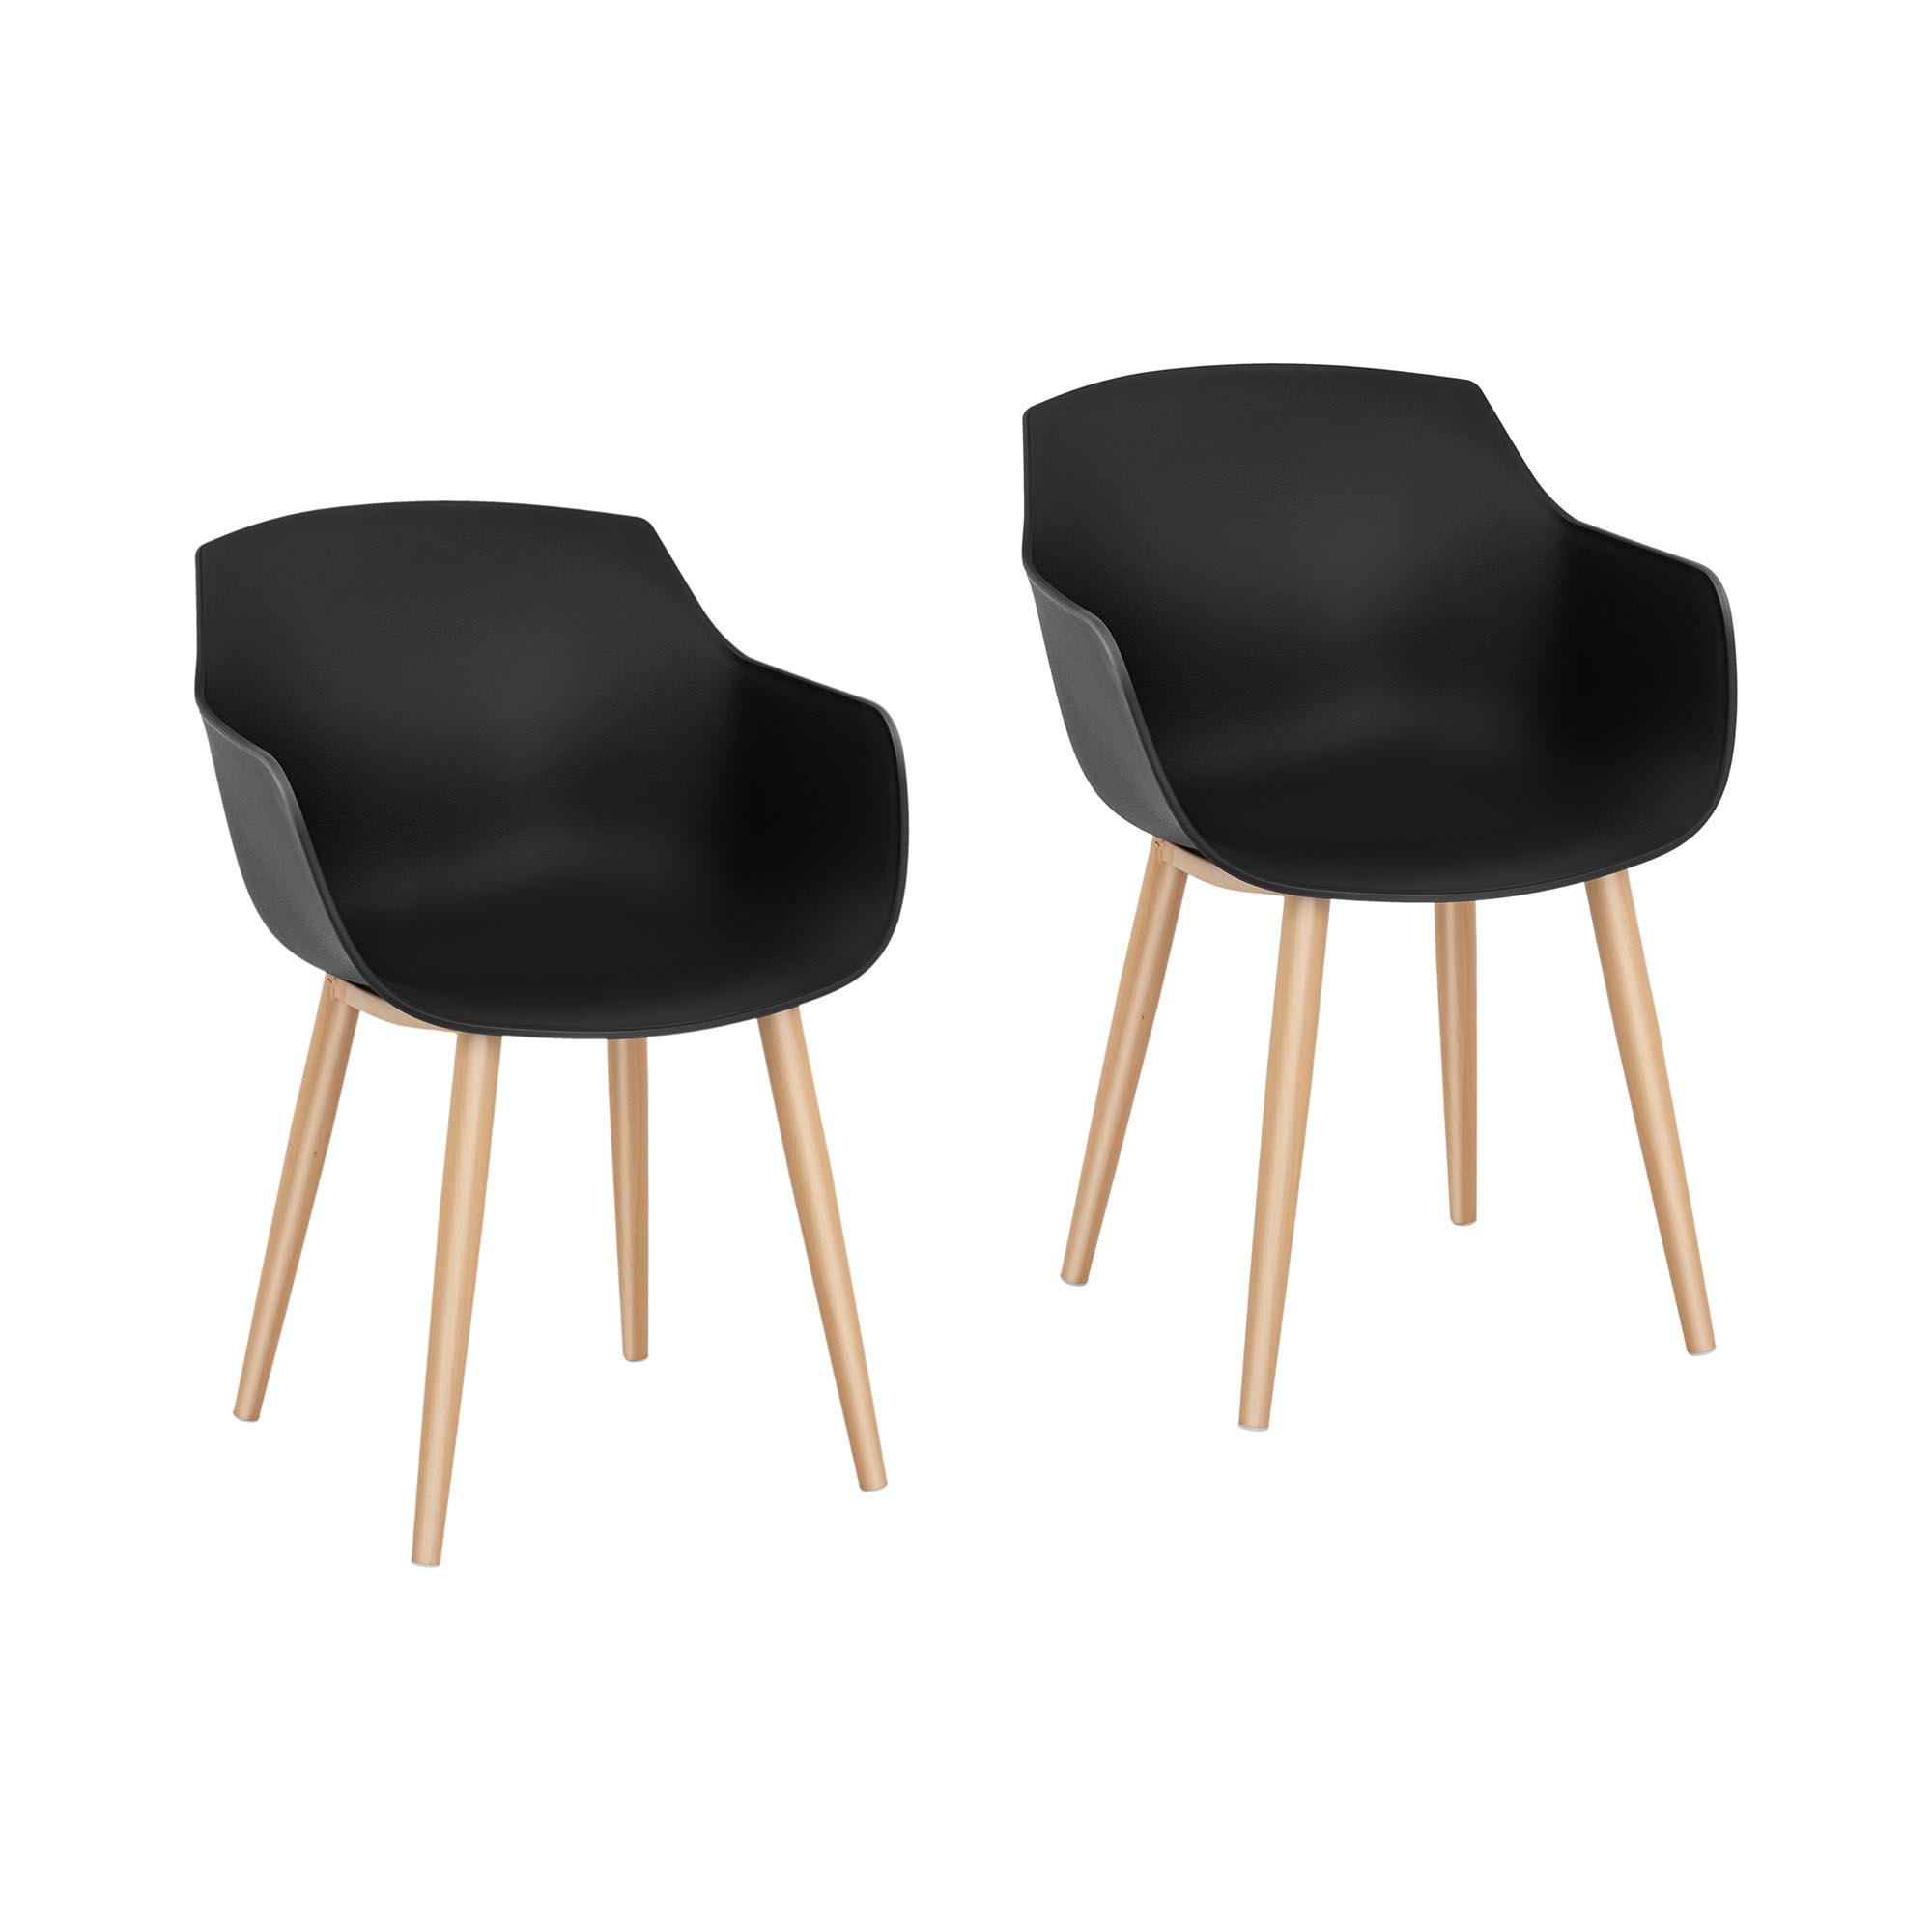 Fromm & Starck Stuhl - 2er Set - bis 150 kg - Sitzfläche 43 x 40 cm - schwarz STAR_SEAT_04